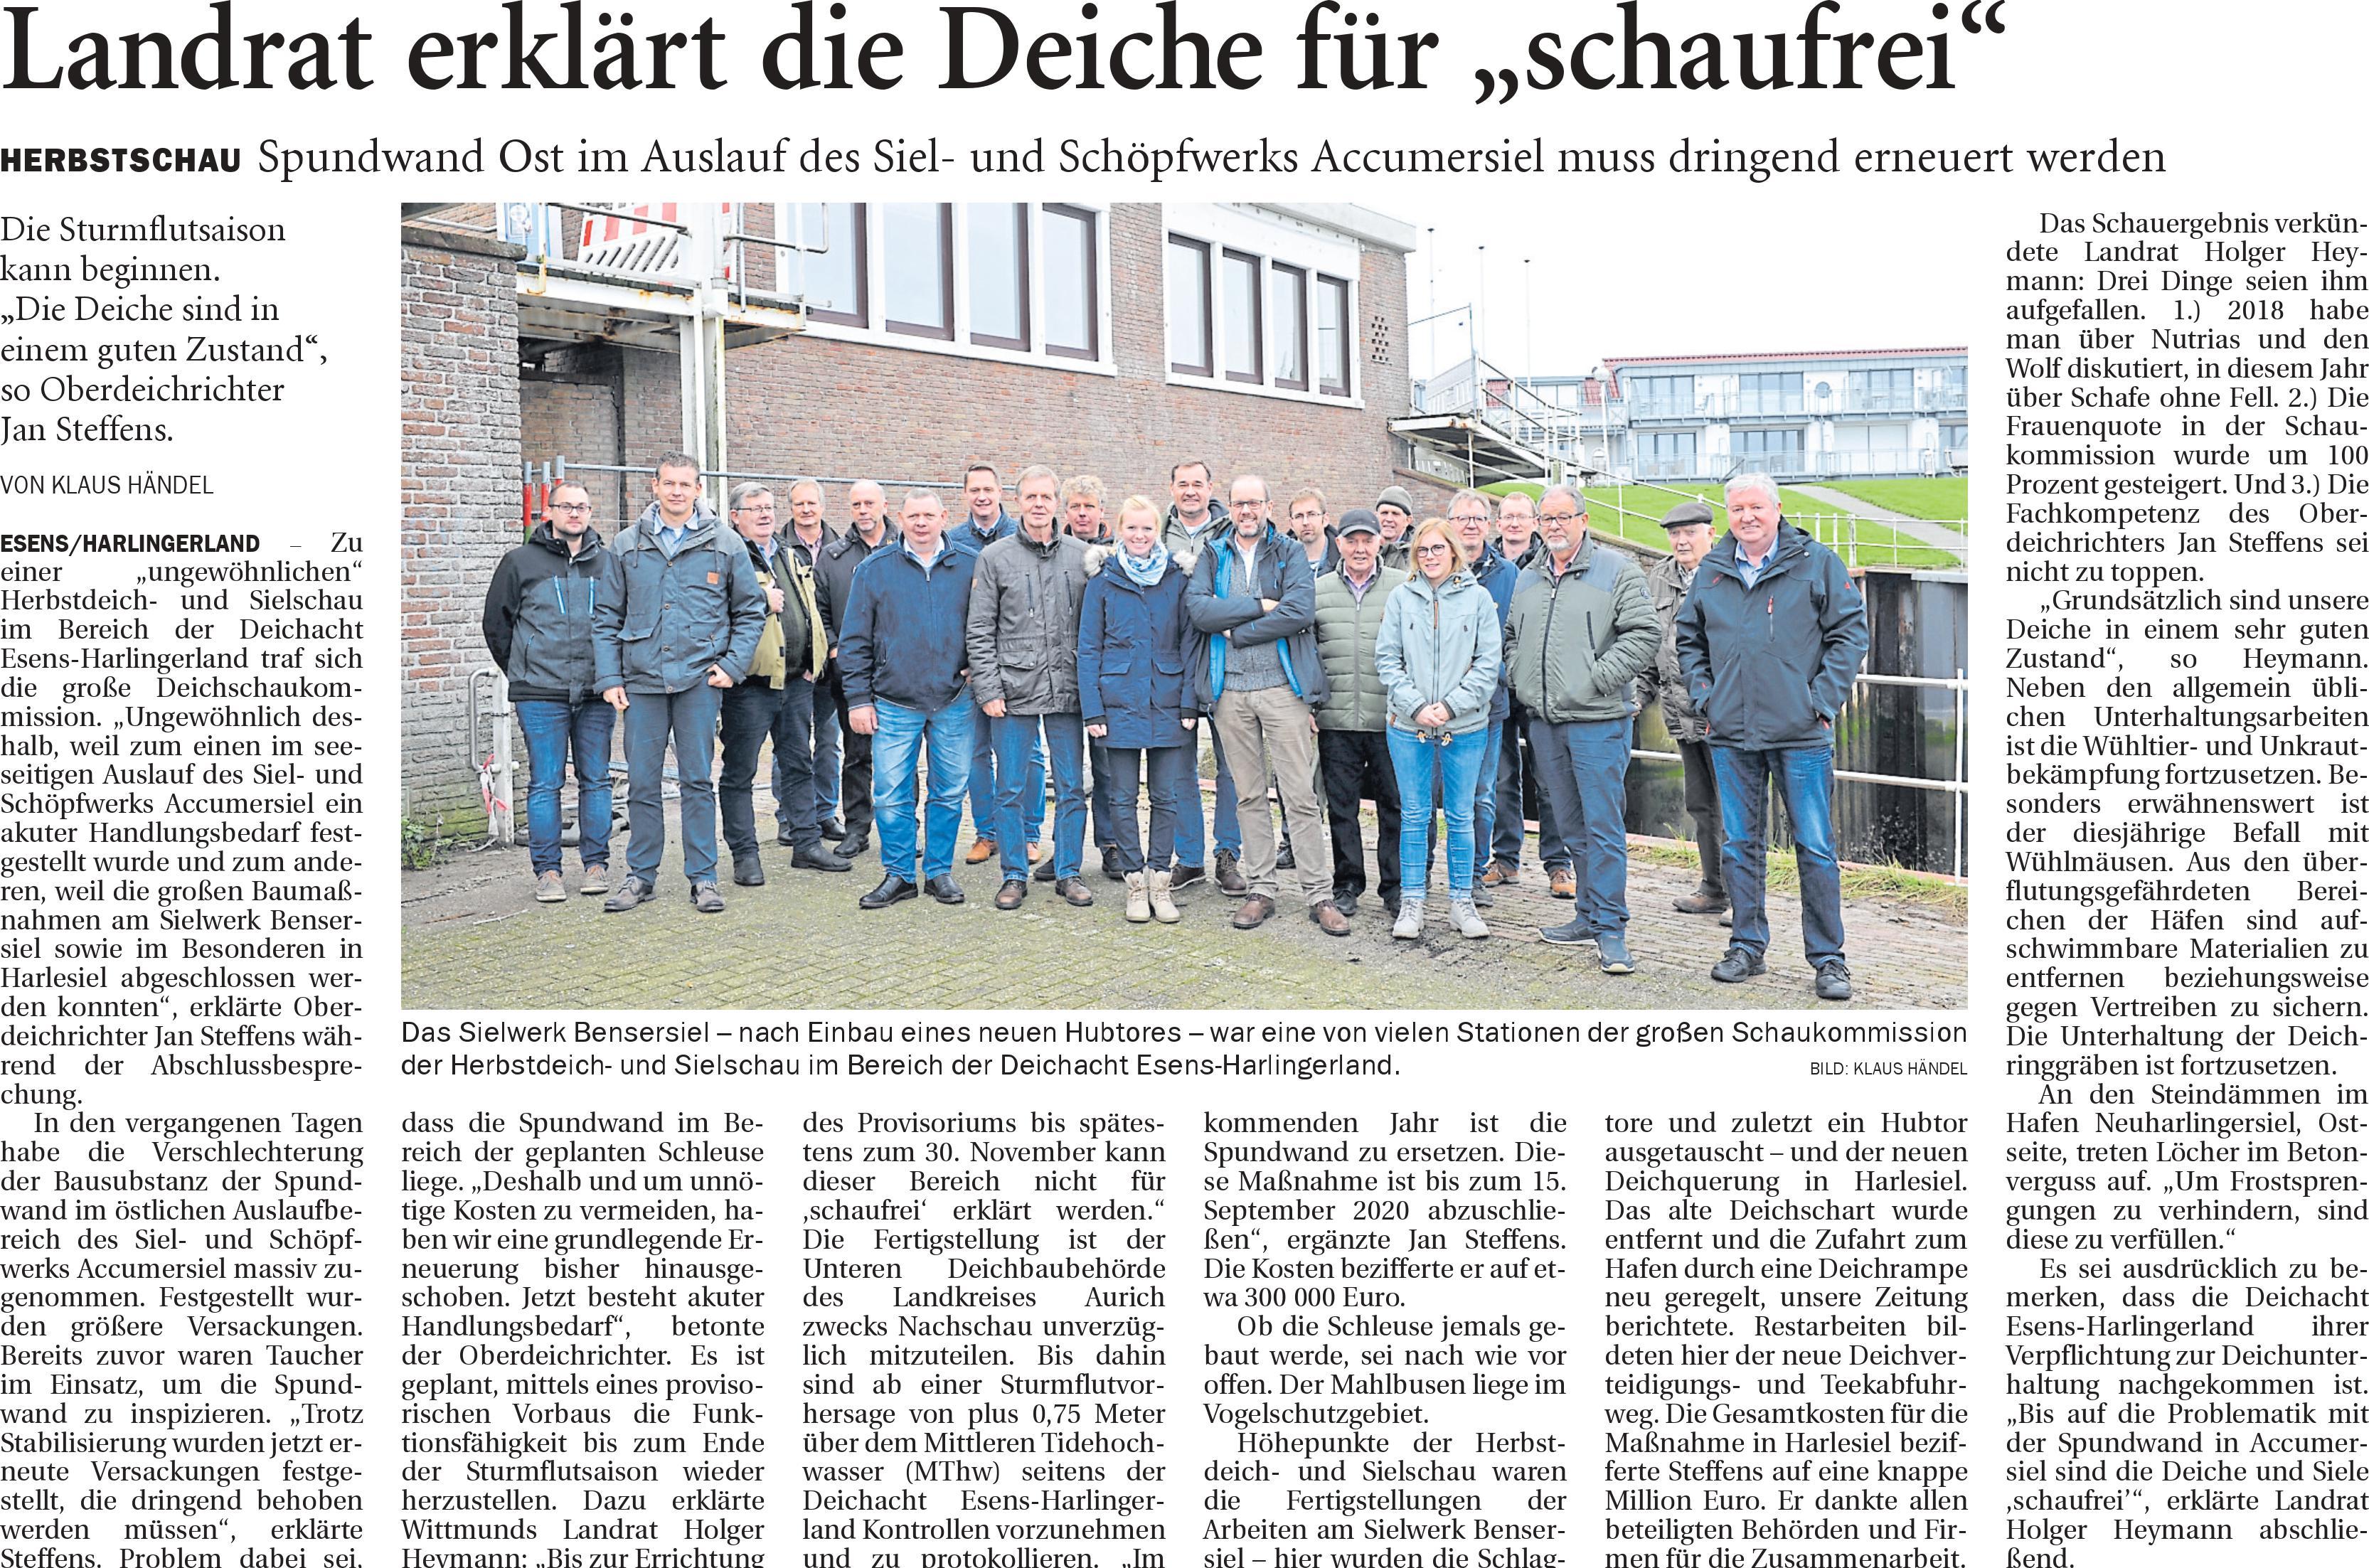 Lesen Sie hier den Bericht des Anzeiger für Harlingerland zur Deichschau.